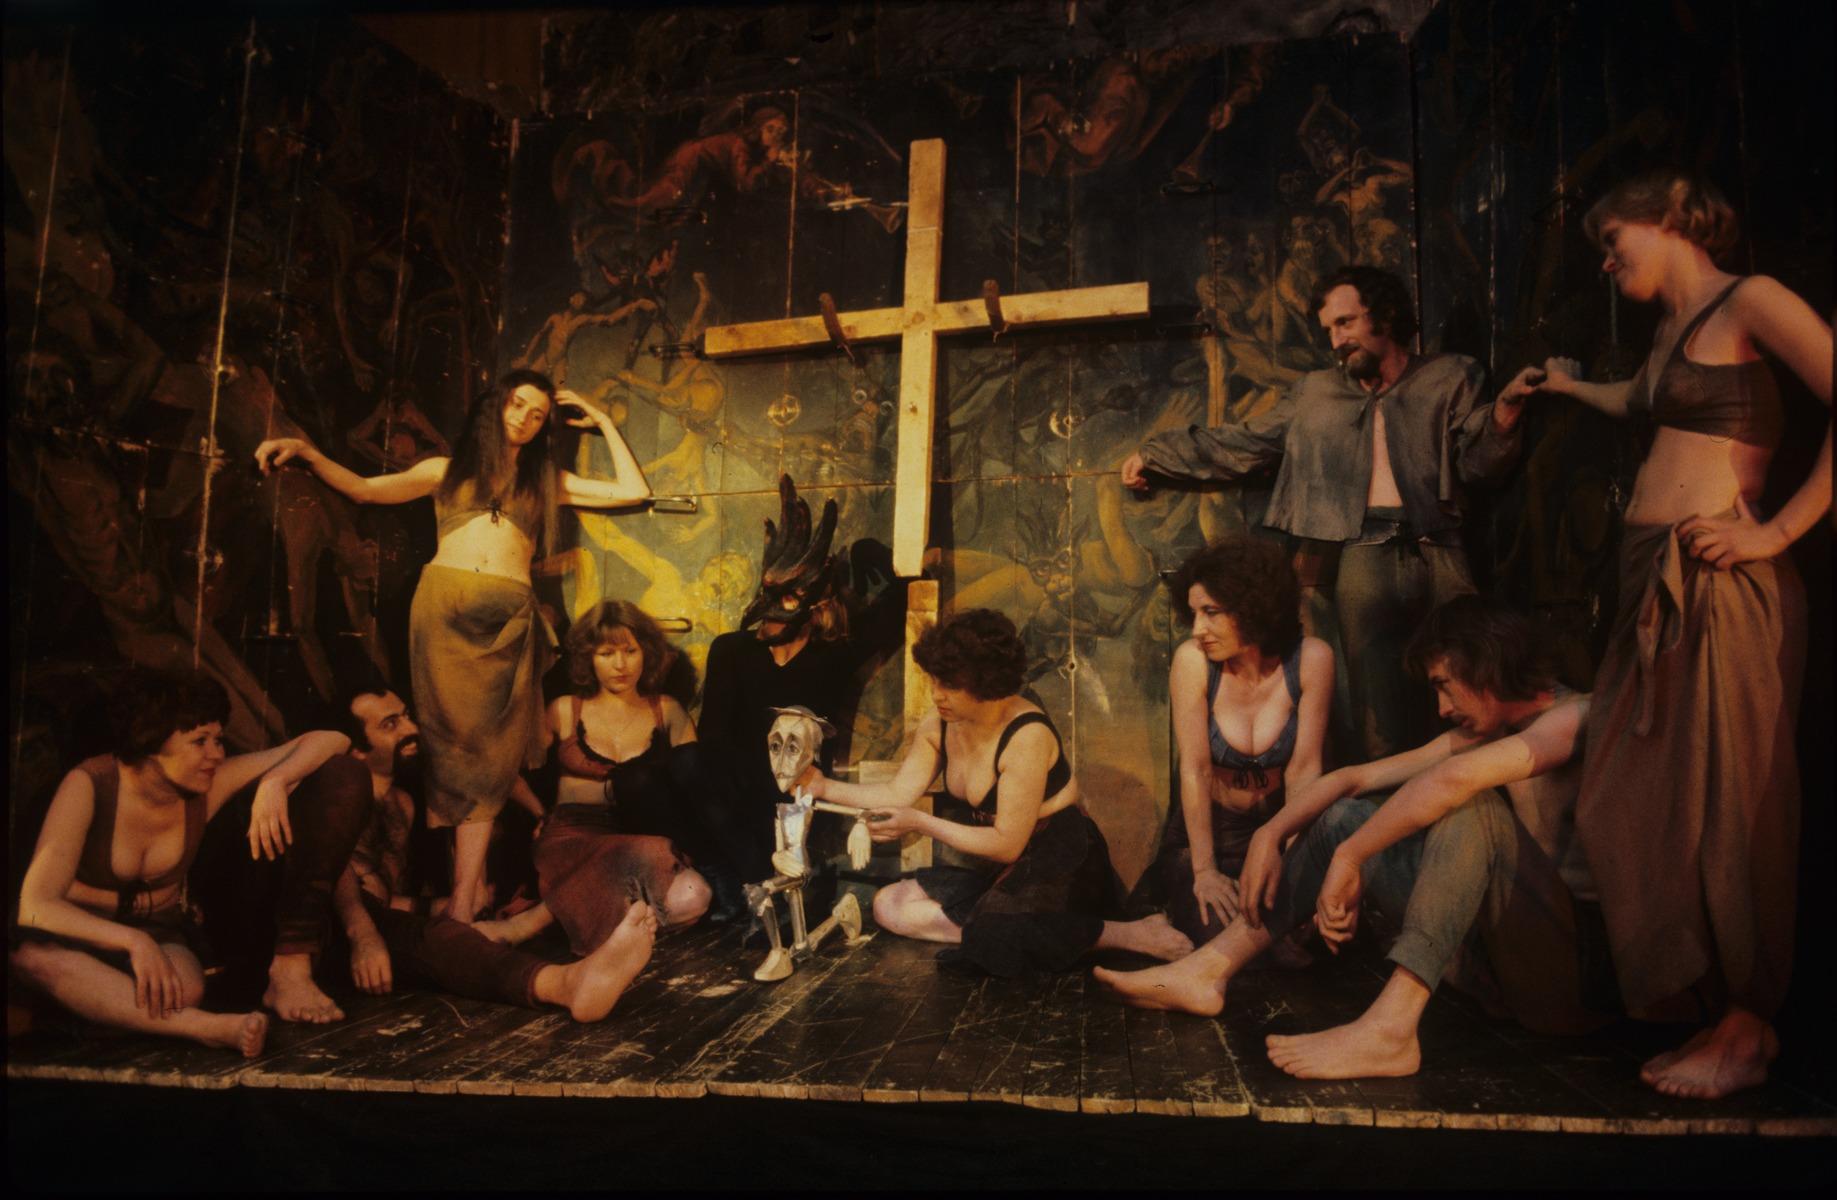 Une scène de <em>Chelovek de Lamanchi</em> (L'Homme de la Mancha, 1979) de Joe Darion et Dale Wasserman, par le Teatr kukly i aktyora « Buratino » (Magnitogorsk, région de l'Oural, Russie), mise en scène : Viktor Chraïman, scénographie: Mark Bornshtein. Photo réproduite avec l'aimable autorisation de Archive : Rossiyskiy tsentr UNIMA (Centre UNIMA Russie, Moscou, Russie)